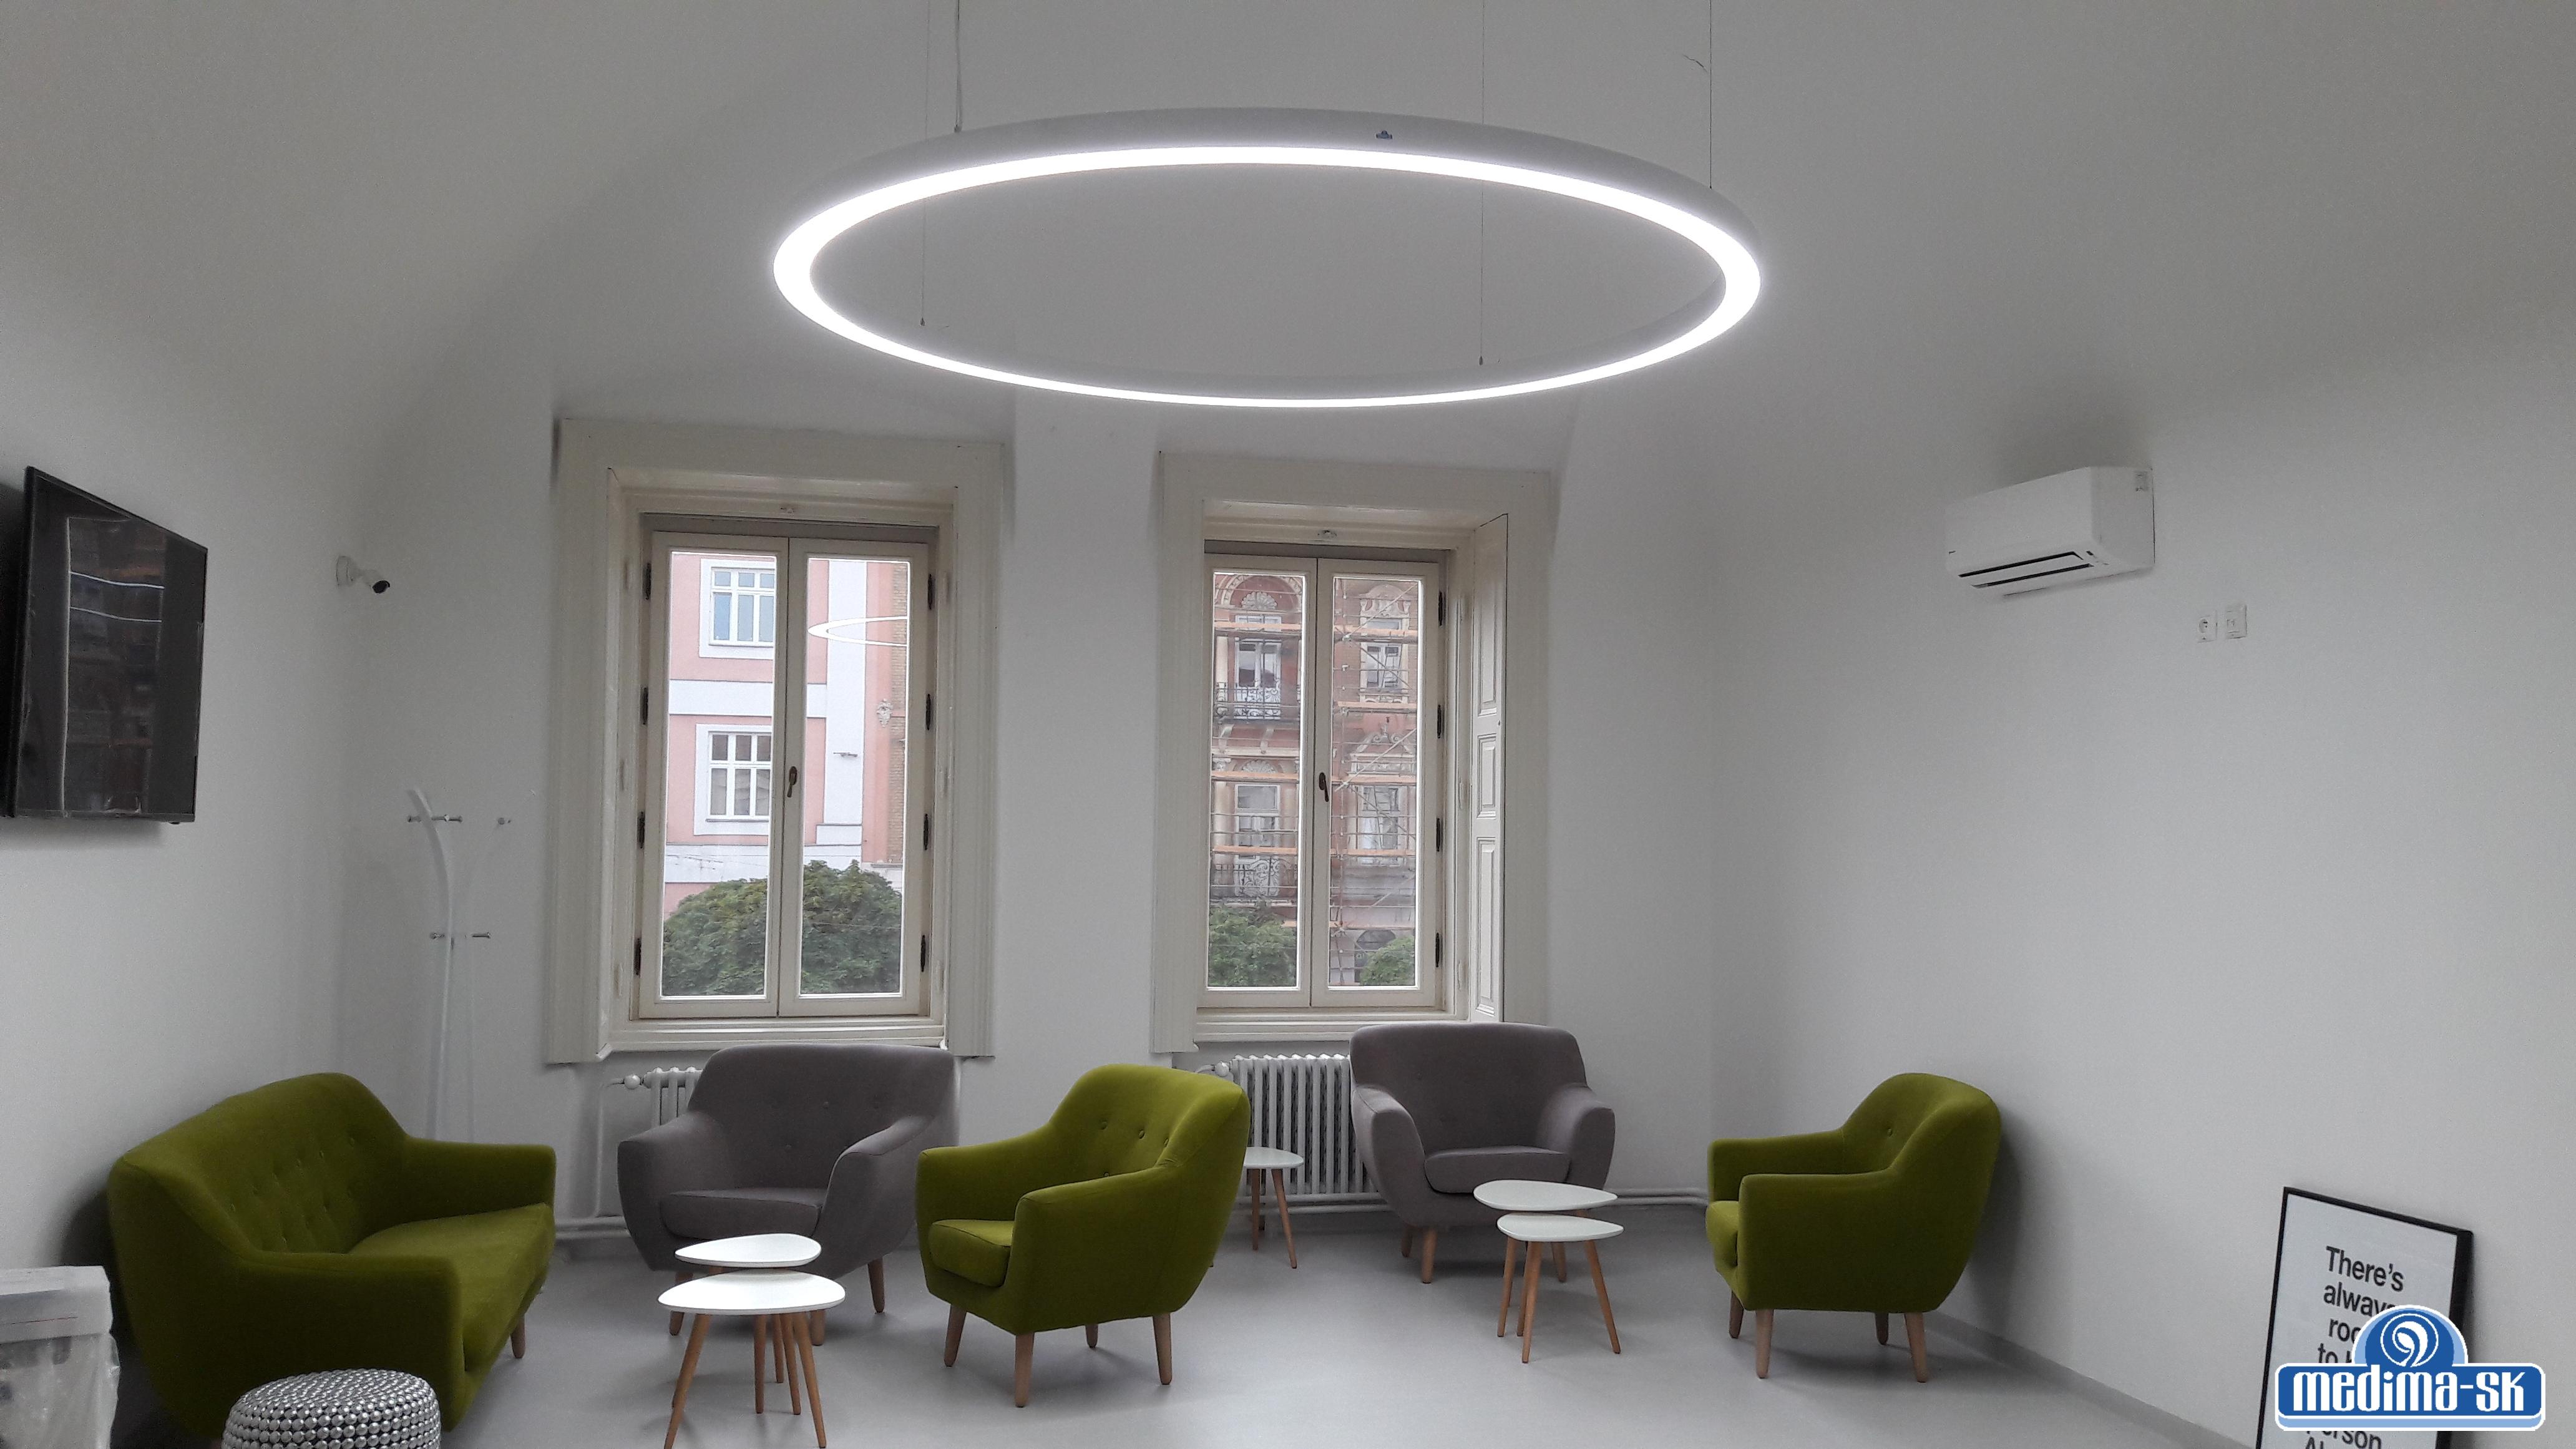 Plnospektrálne osvetlenie LED